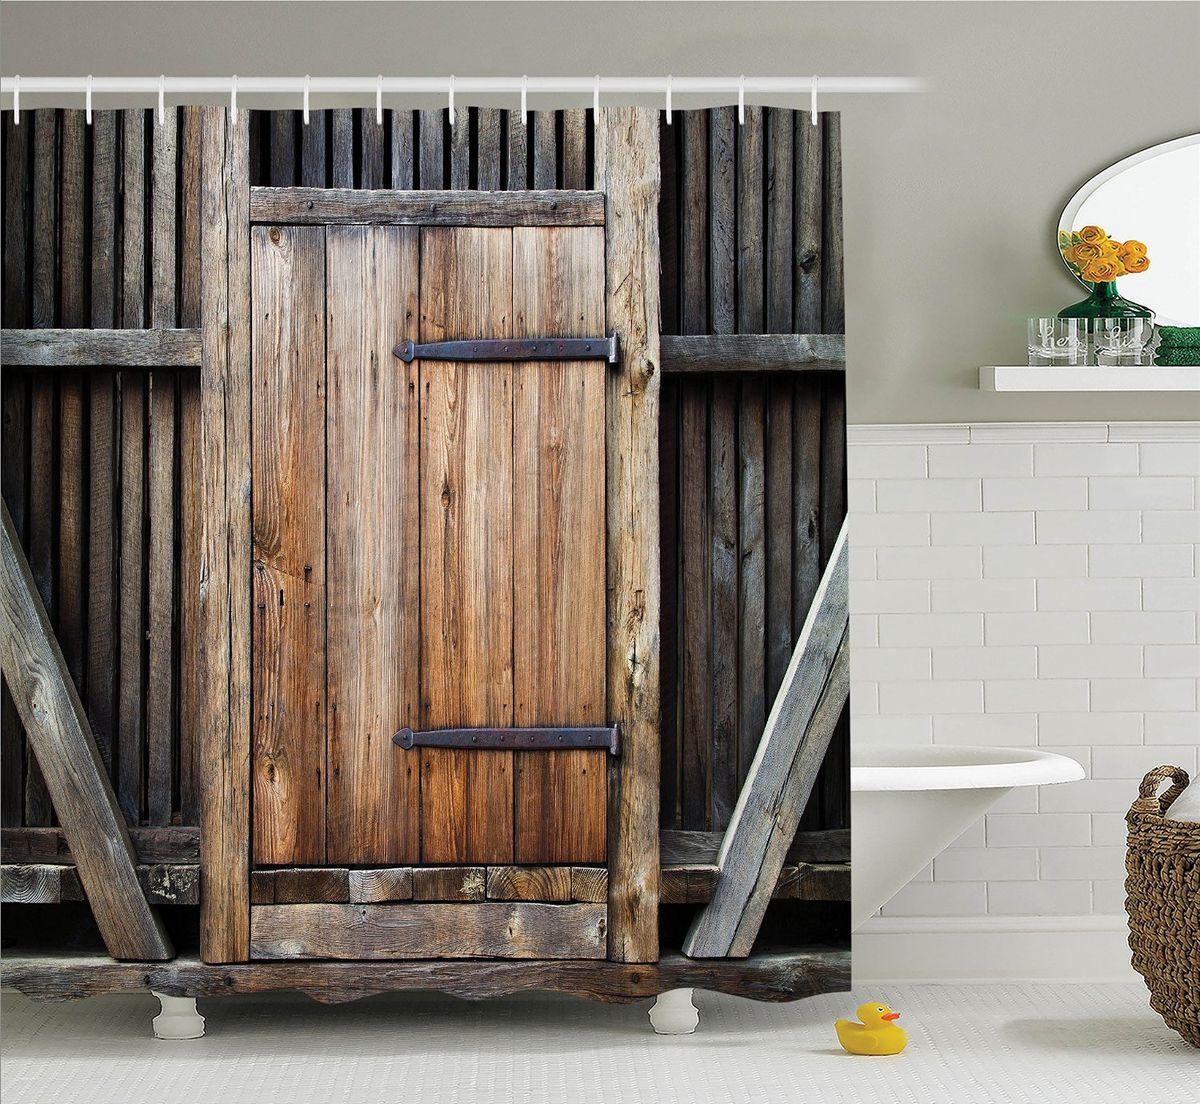 Штора для ванной комнаты Magic Lady Деревянная дверь, 180 х 200 см53000Штора Magic Lady Деревянная дверь, изготовленная из высококачественного сатена (полиэстер 100%), отлично дополнит любой интерьер ванной комнаты. При изготовлении используются специальные гипоаллергенные чернила для прямой печати по ткани, безопасные для человека.В комплекте: 1 штора, 12 крючков. Обращаем ваше внимание, фактический цвет изделия может незначительно отличаться от представленного на фото.